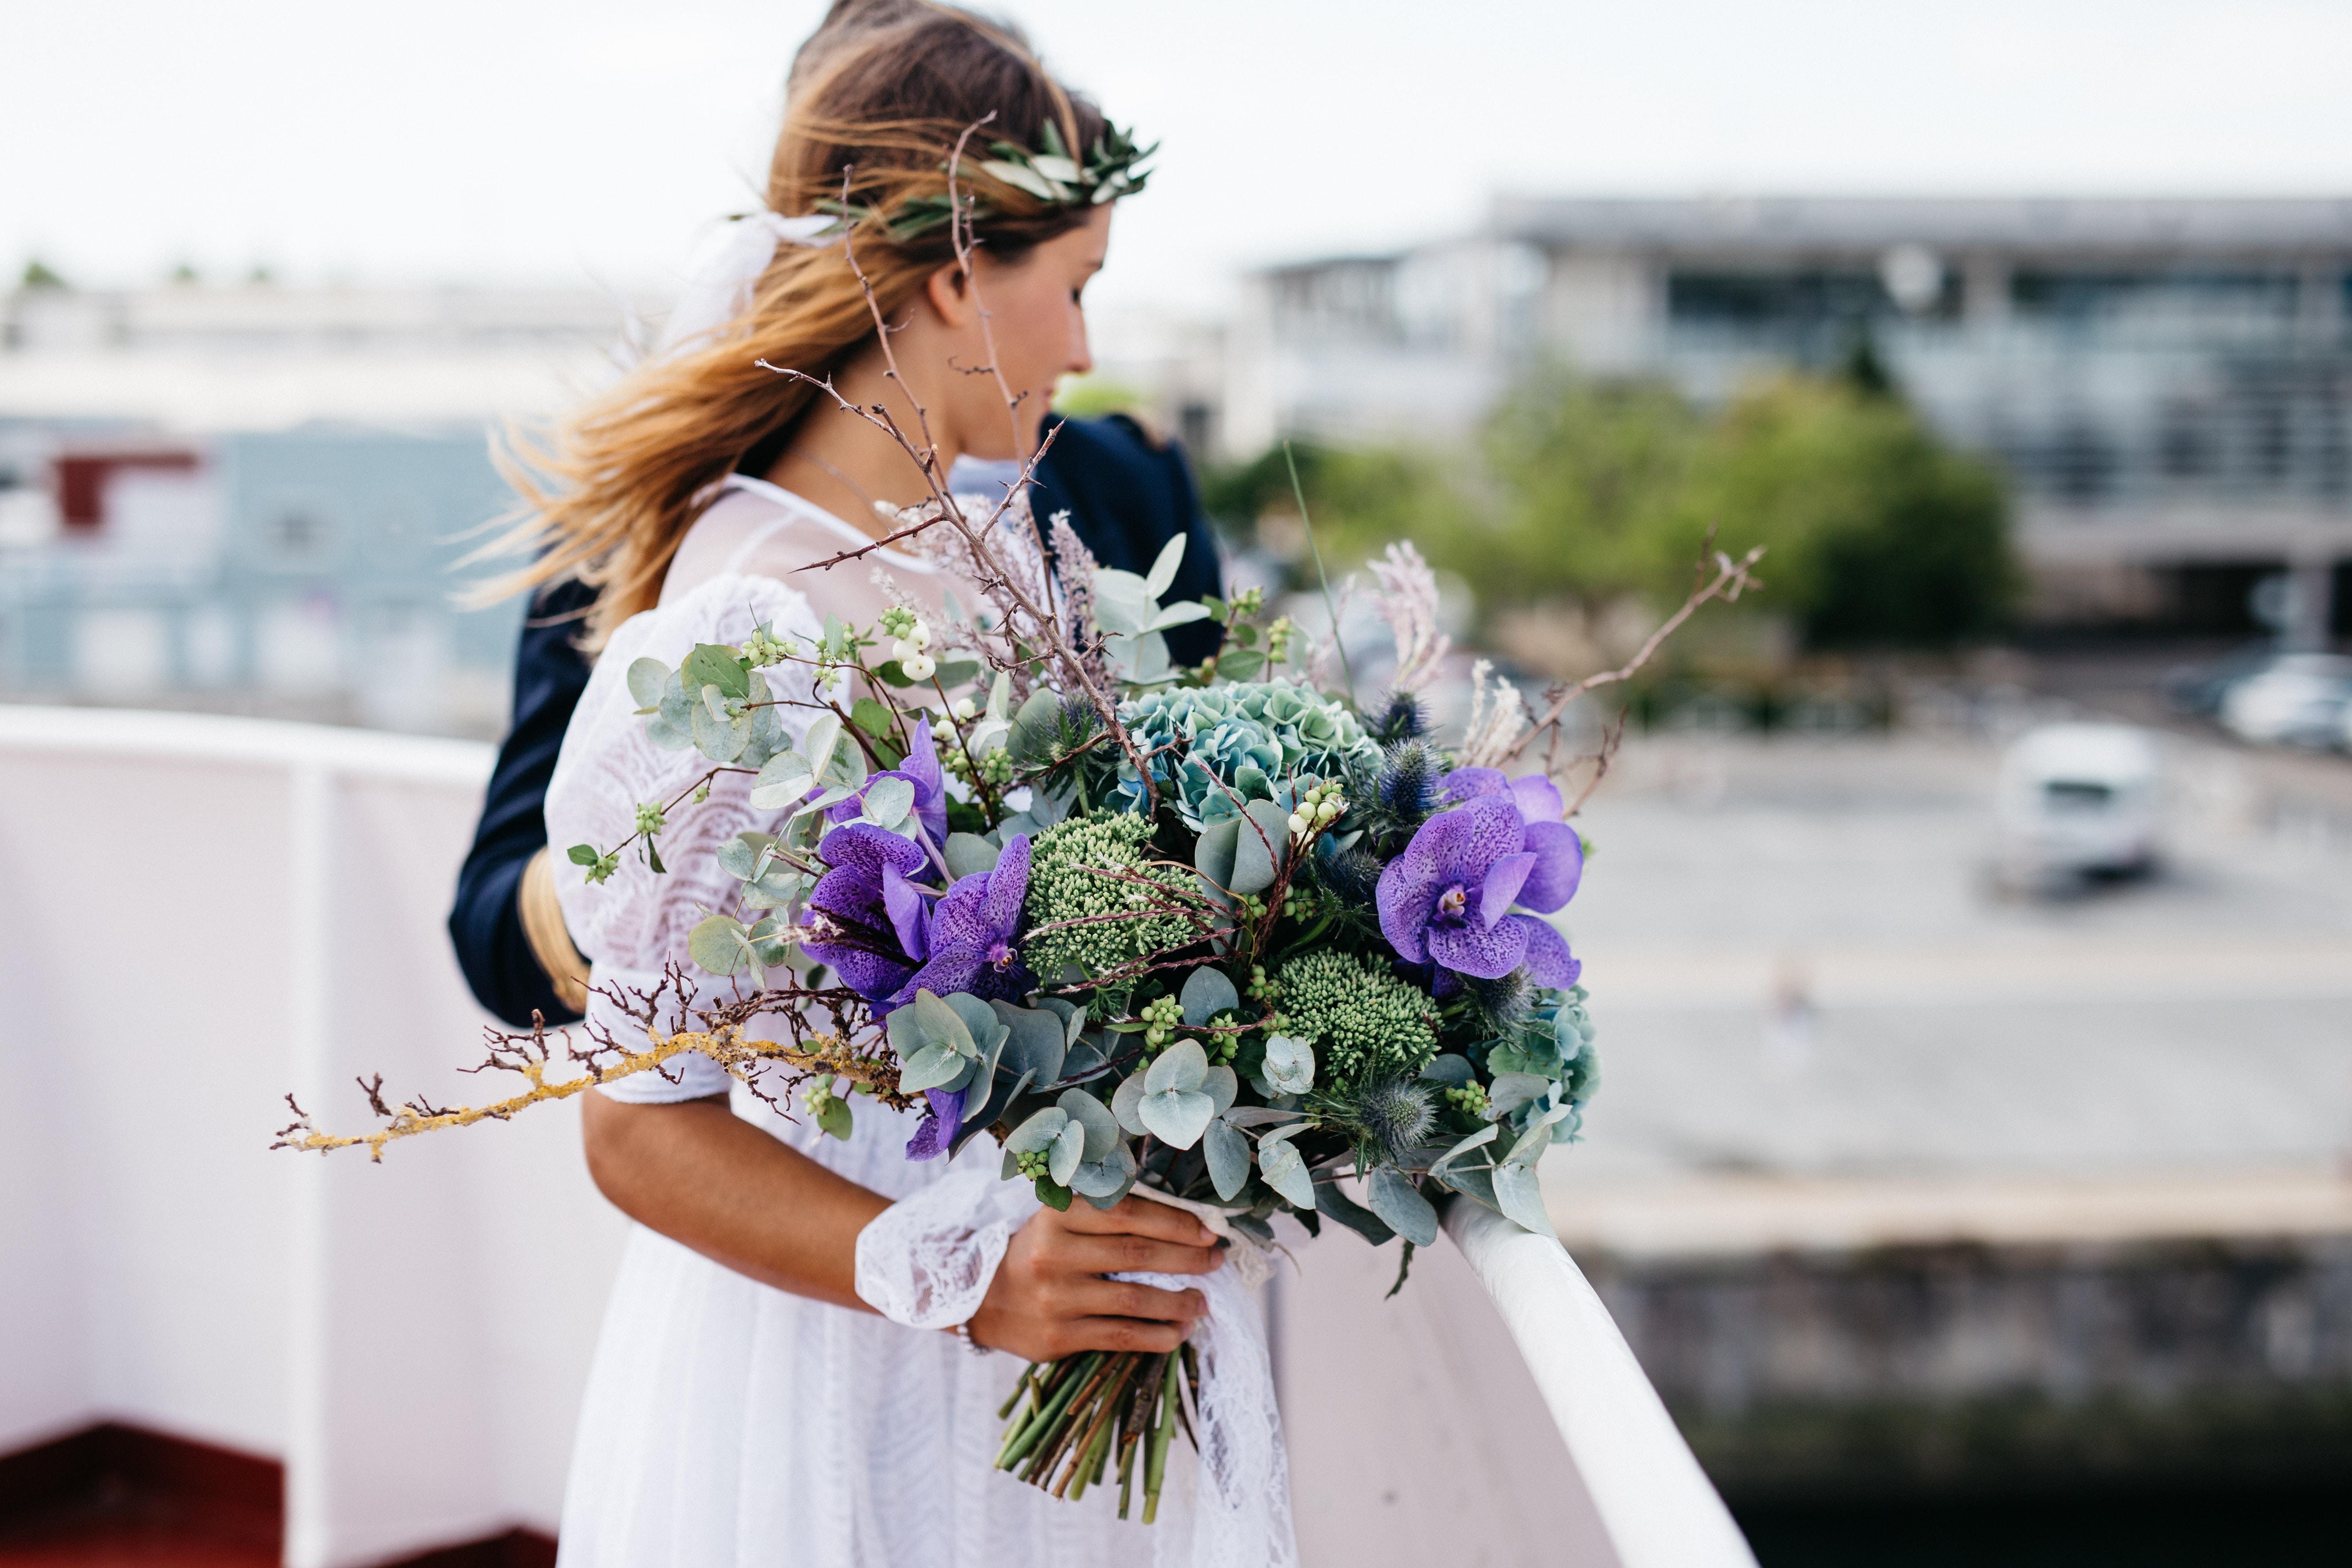 woman wearing dress holding flower bouquet beside man holding her waist